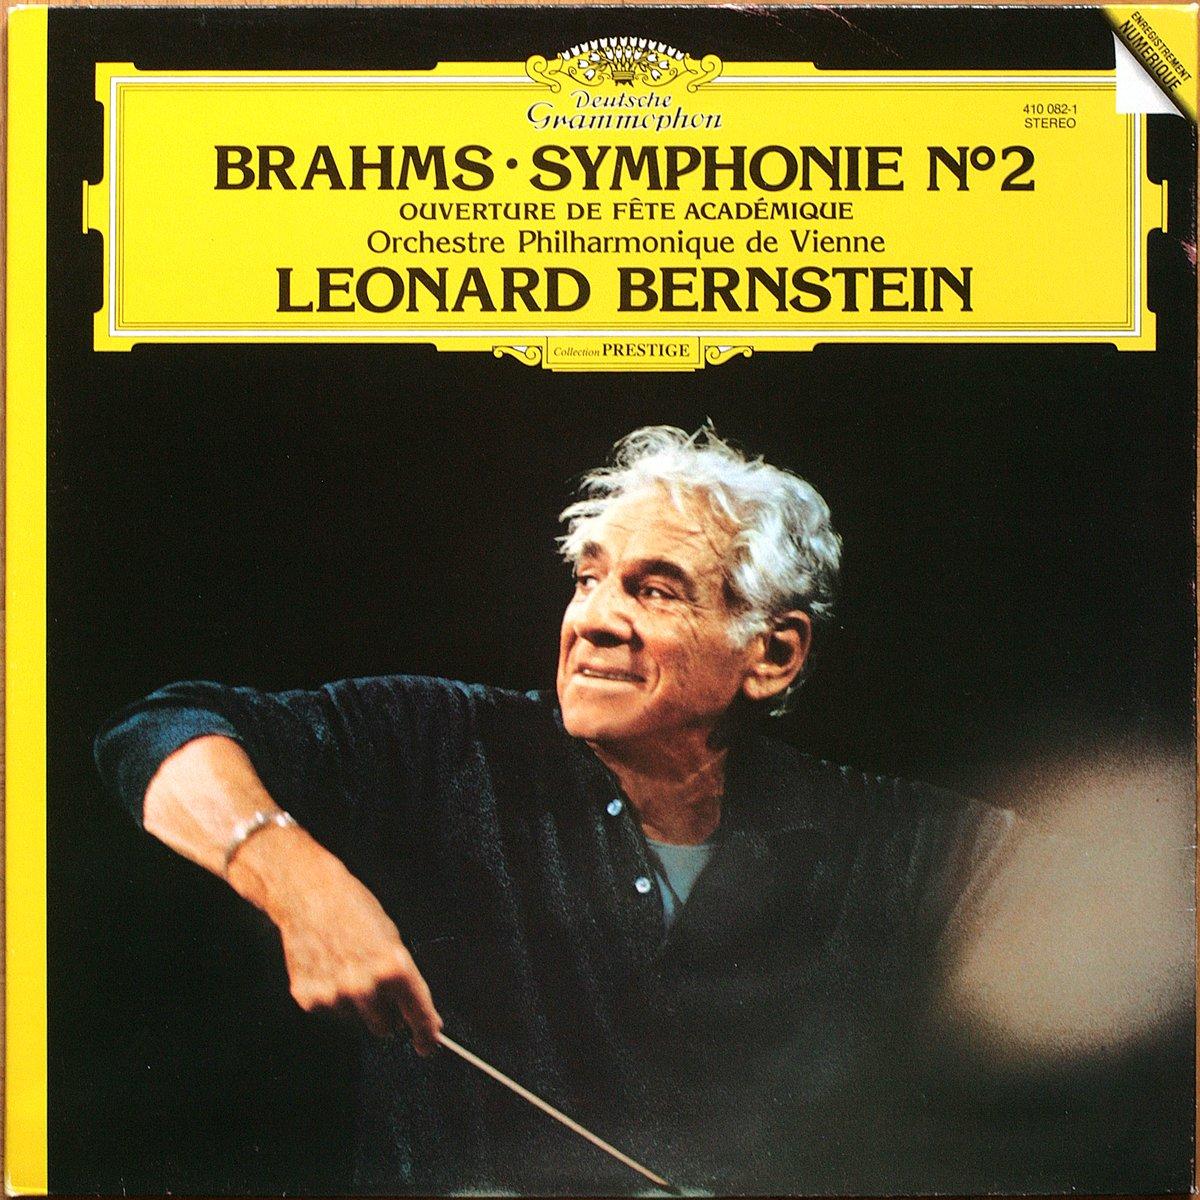 DGG 410 082 Brahms Symphonie 2 Bernstein DGG Digital Aufnahme